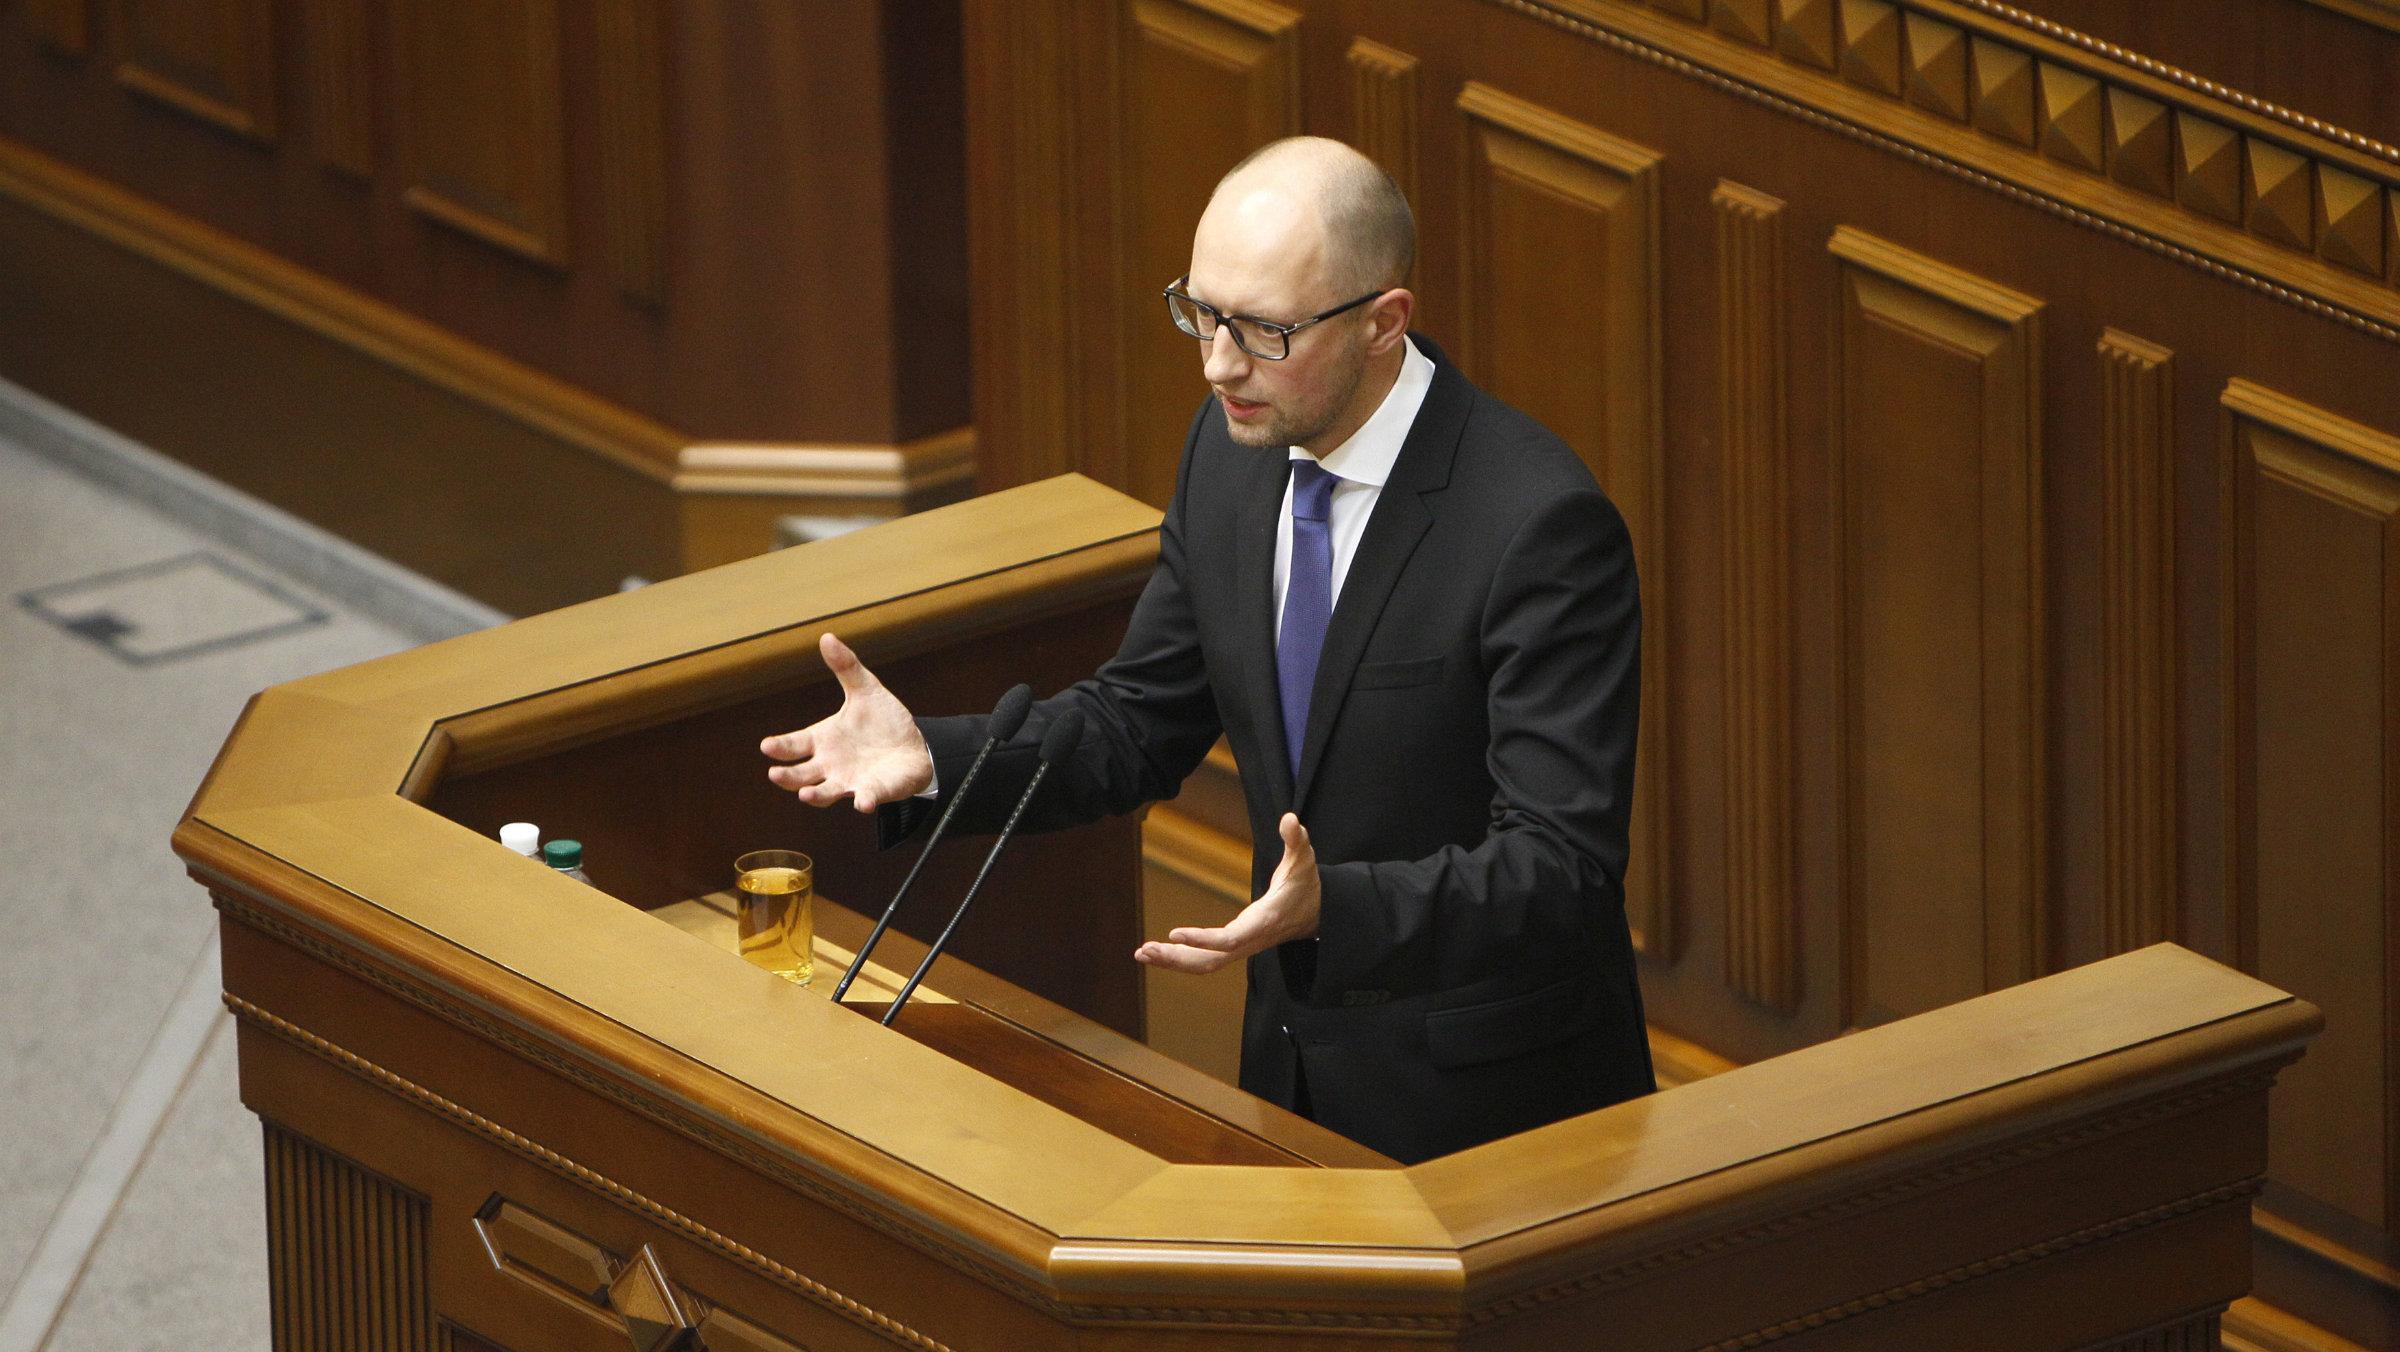 Ukrainian Prime Minister Arseniy Yatsenyuk addresses parliament in Kiev on July 24, 2014, where he tendered his resignation.